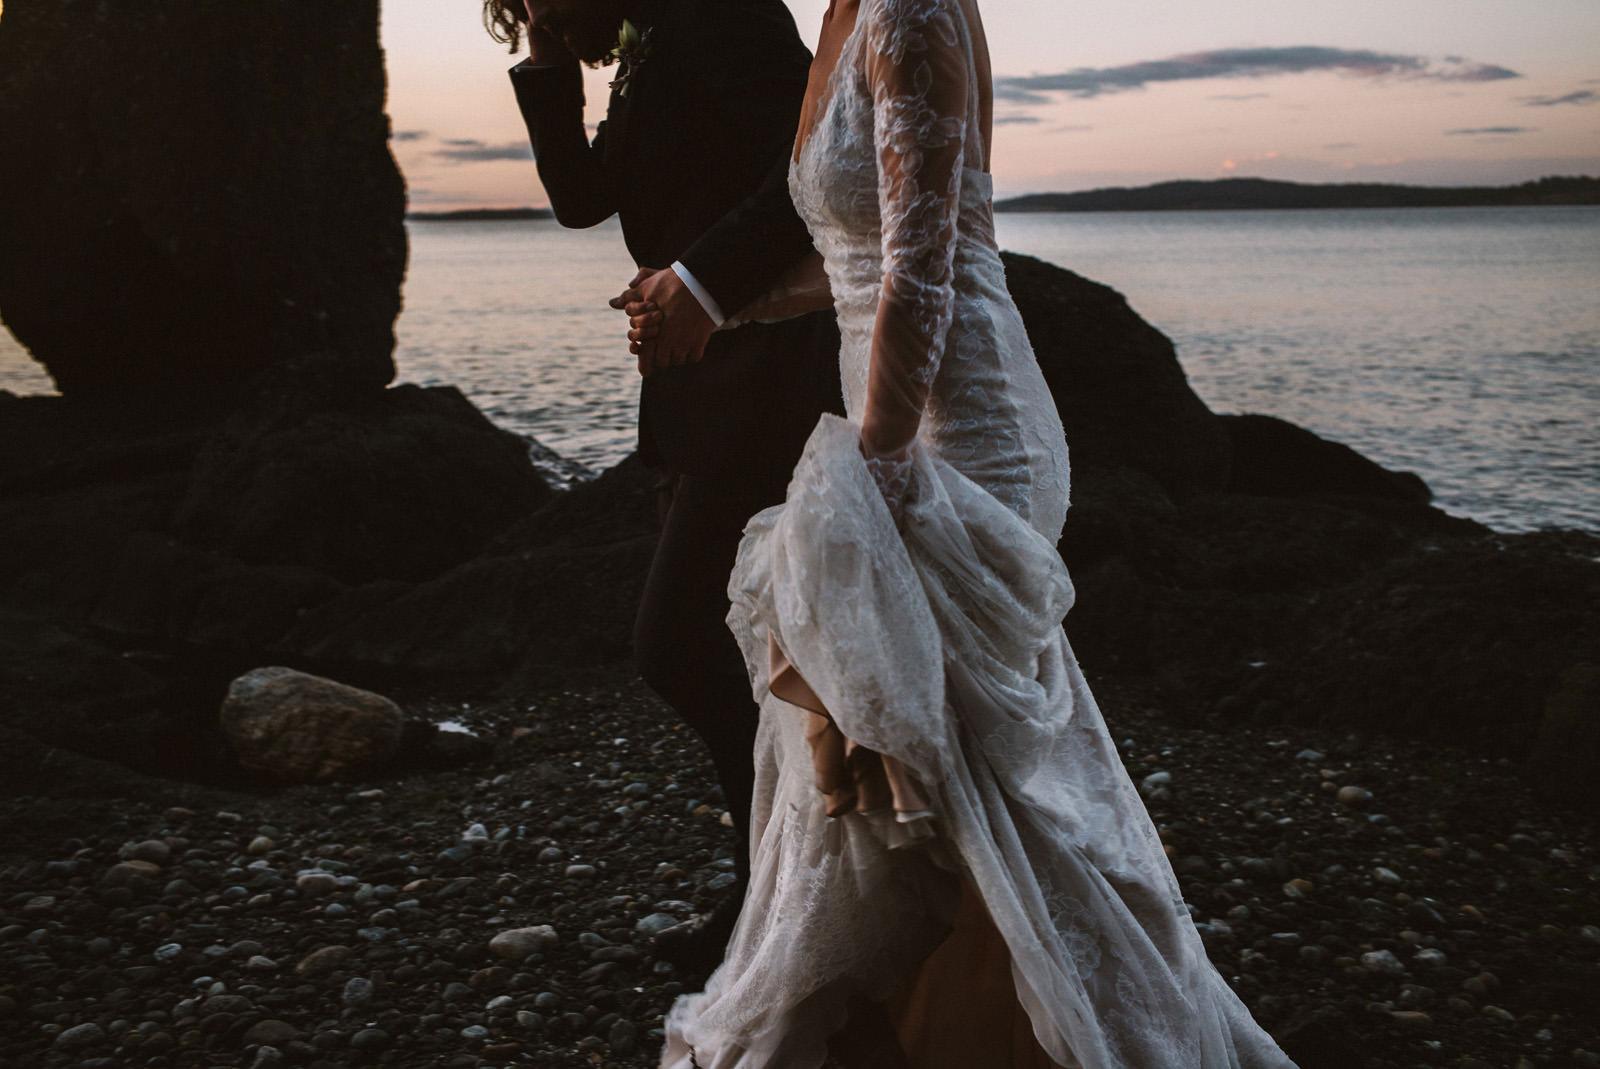 kaityjeff-blog-139 ORCAS ISLAND WEDDING